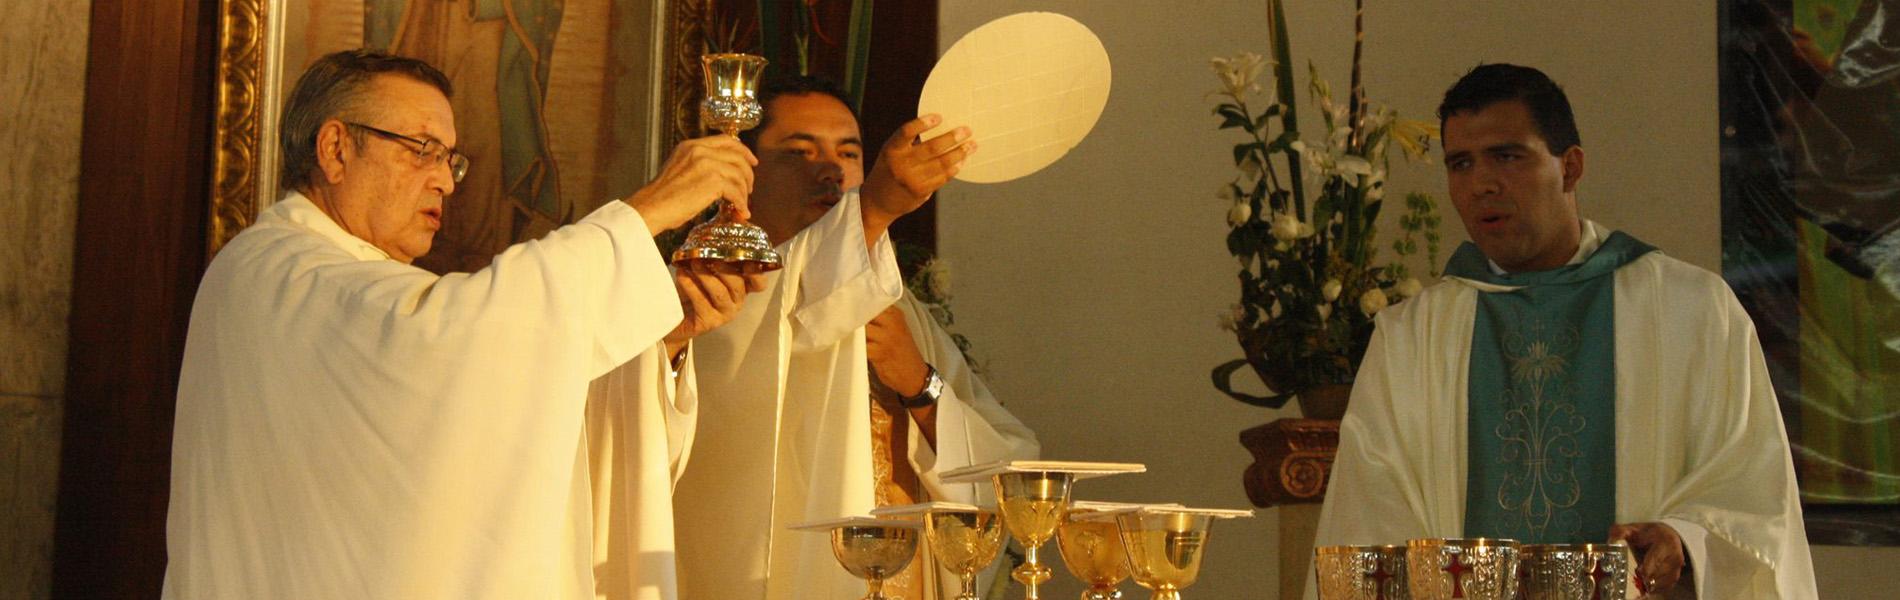 La Eucaristía: